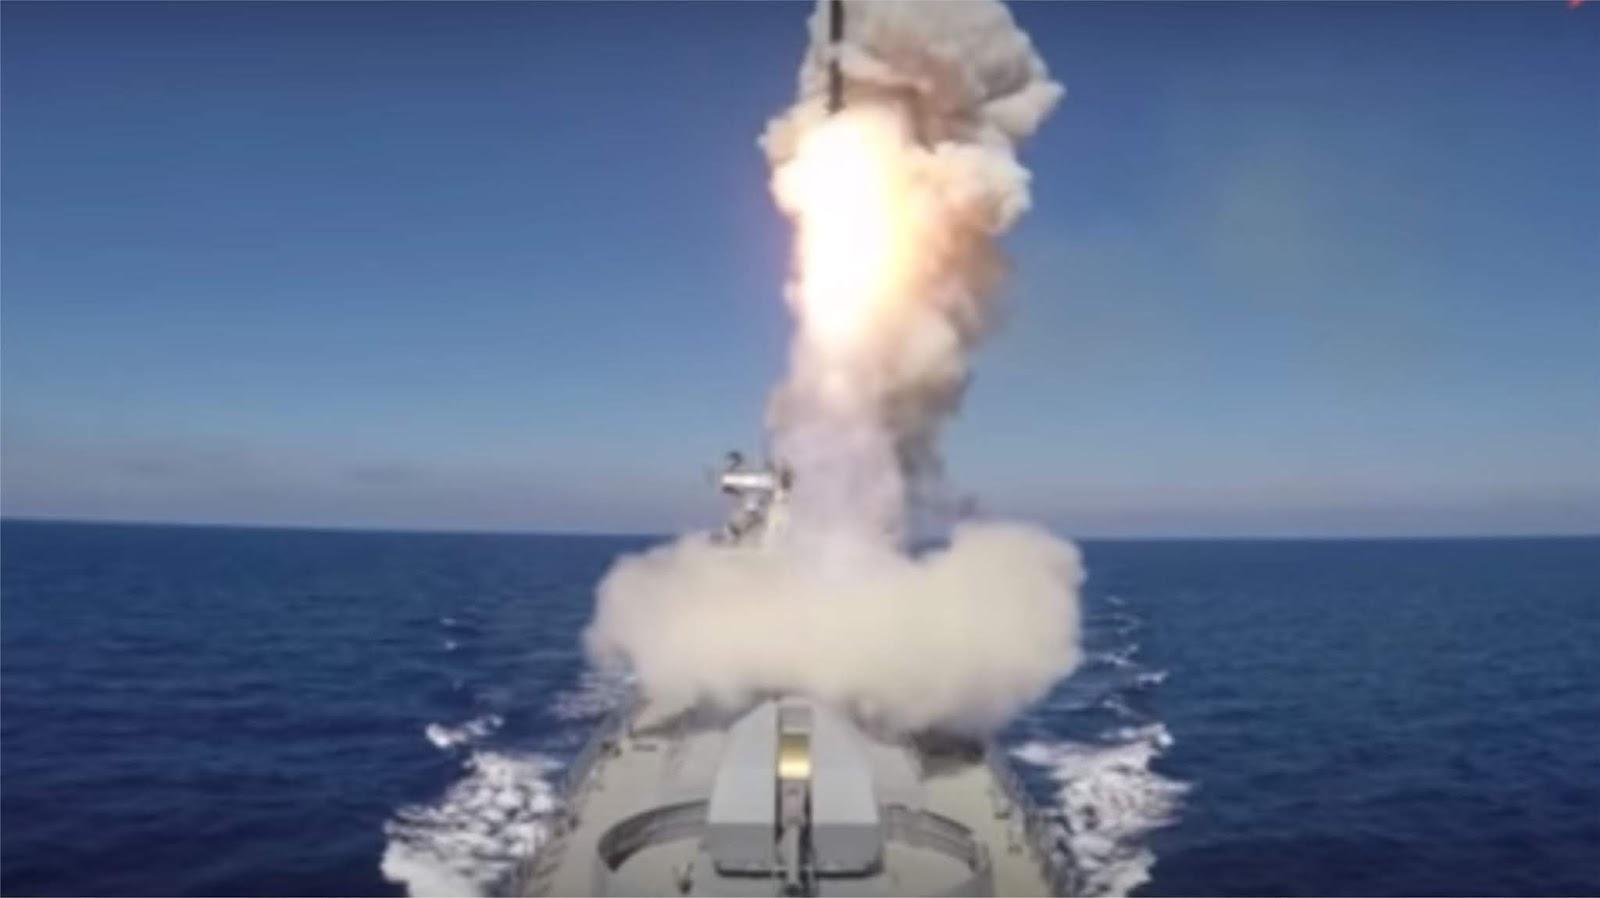 Rusia berencana mengembangkan Kaliber-M berbasis darat dengan jangkauan 4,5 ribu km